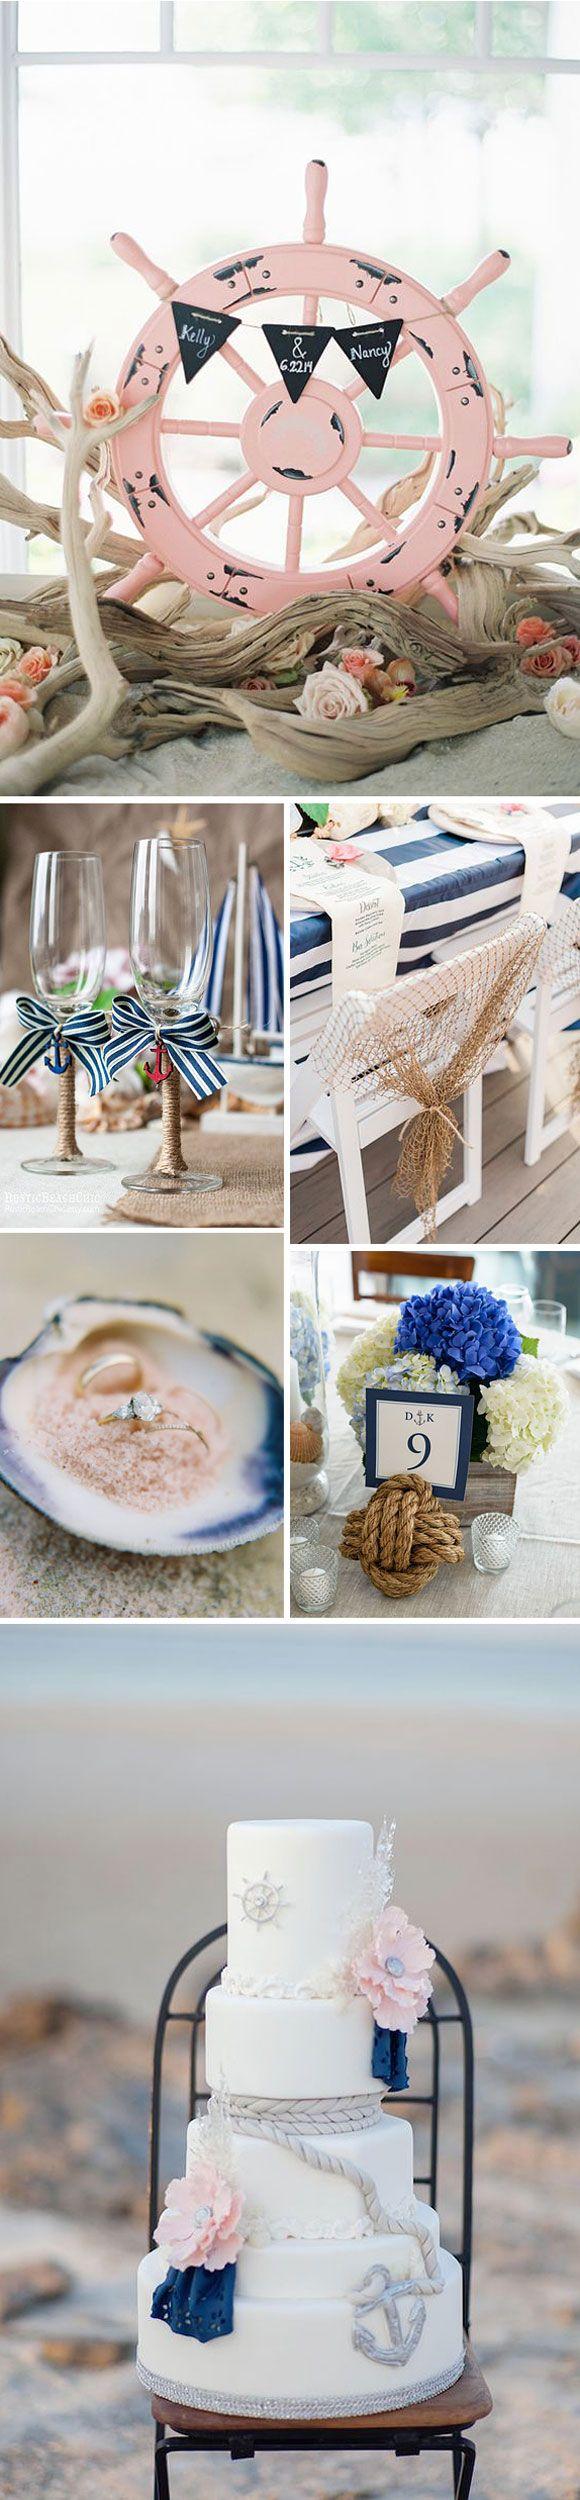 Decoración para una boda en la playa                                                                                                                                                                                 Más